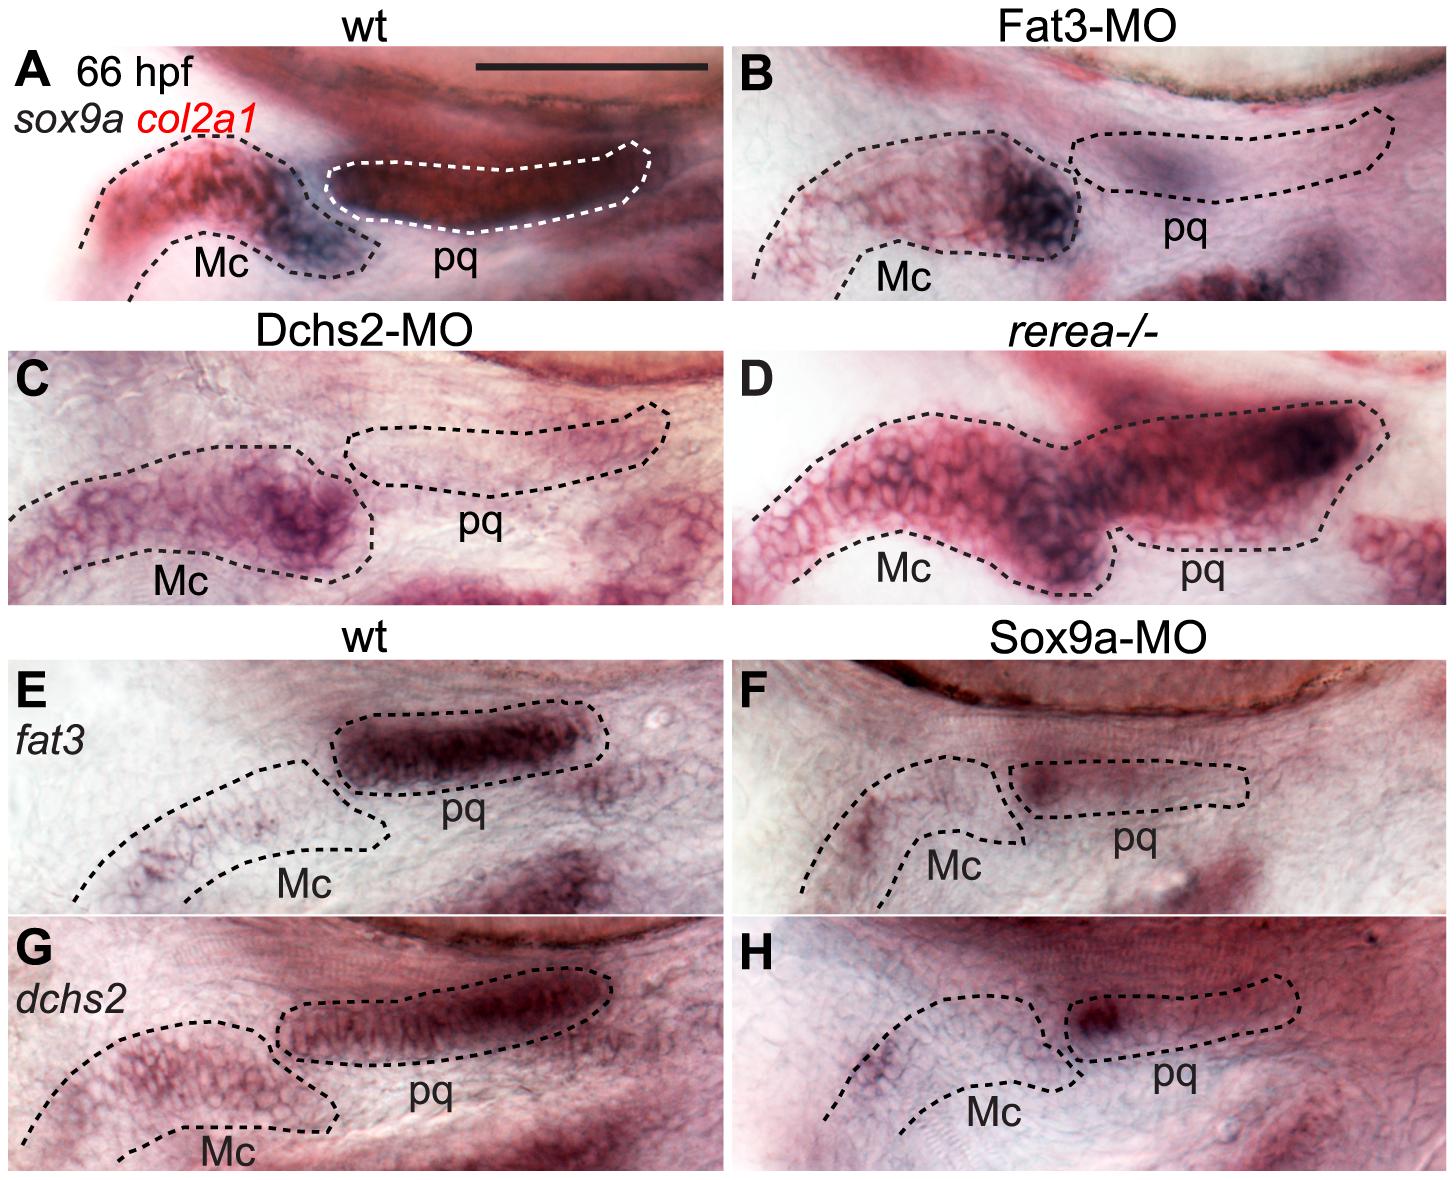 Regulatory feedback between Fat3, Dchs2, REREa and Sox9a.